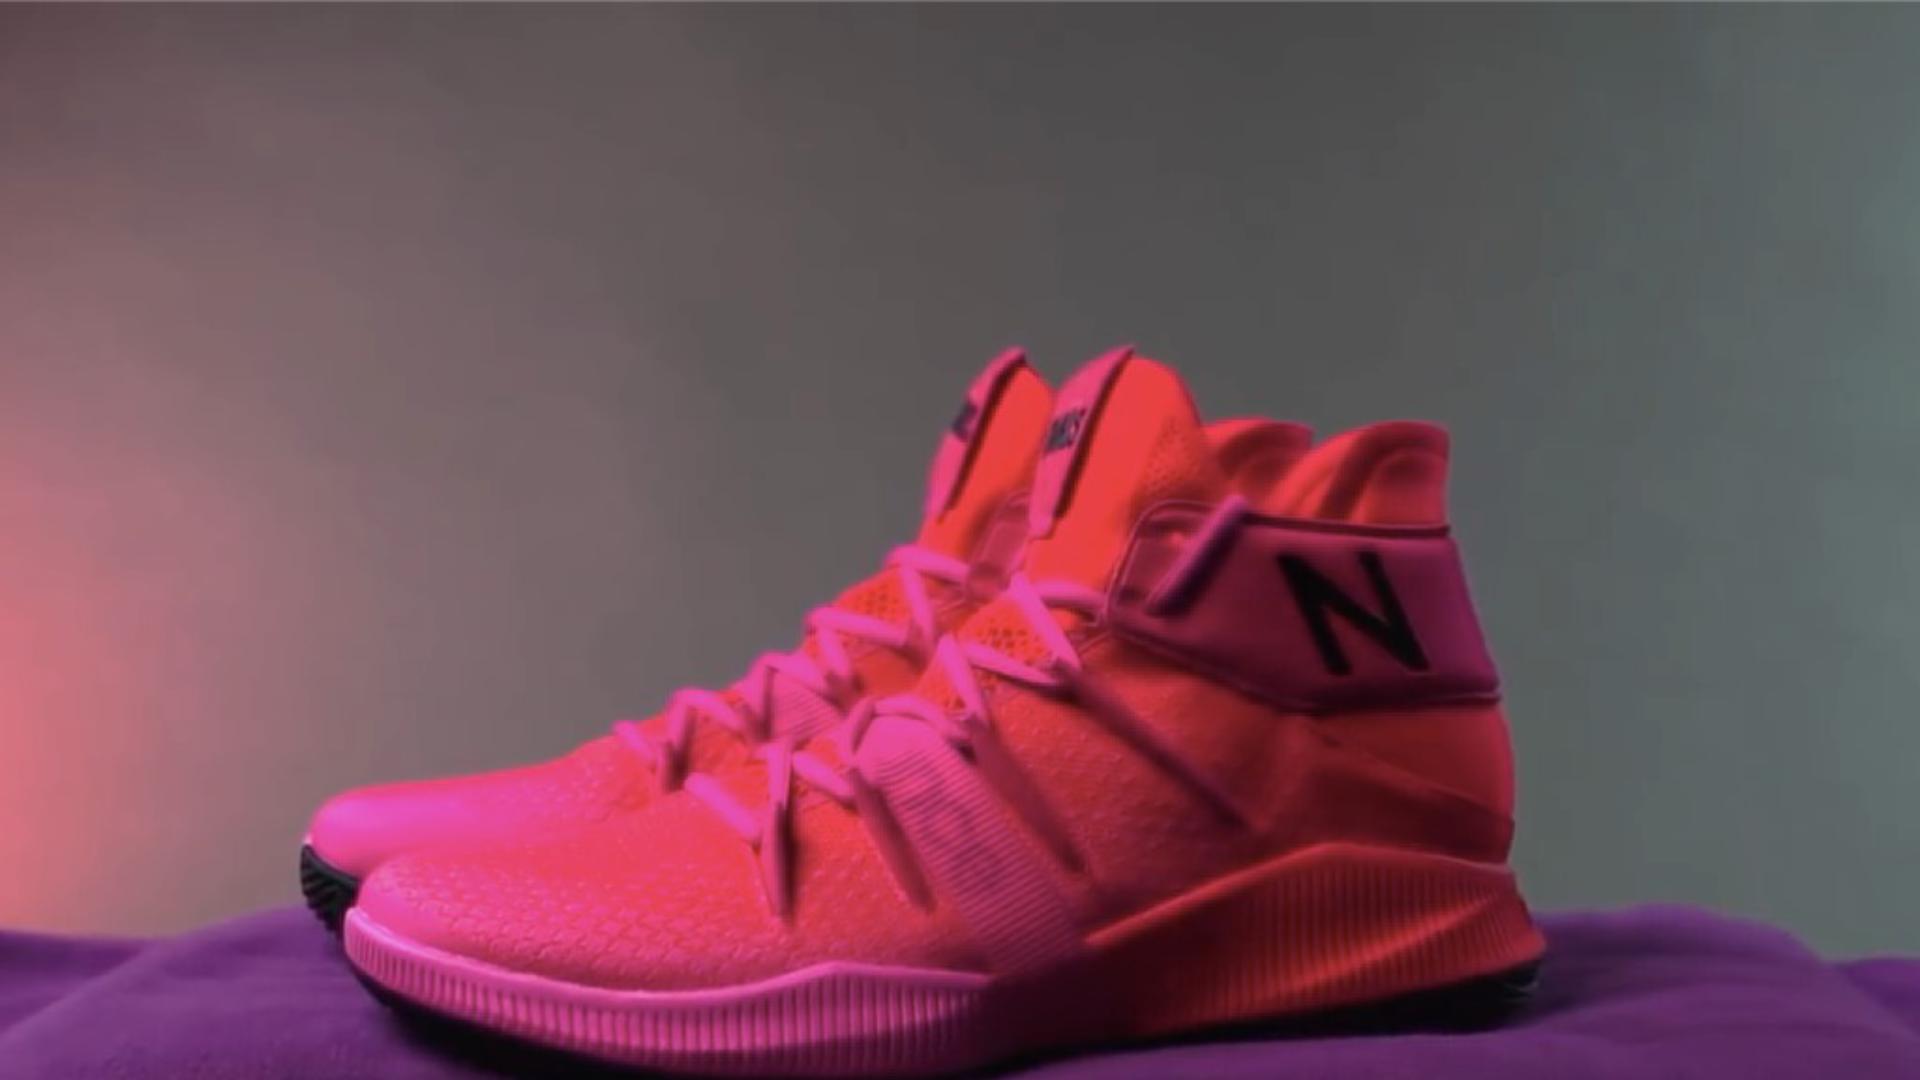 球鞋收录机|New Balance OMN1S 伦纳德战靴 实战鞋评 - 中规中矩攻守兼备